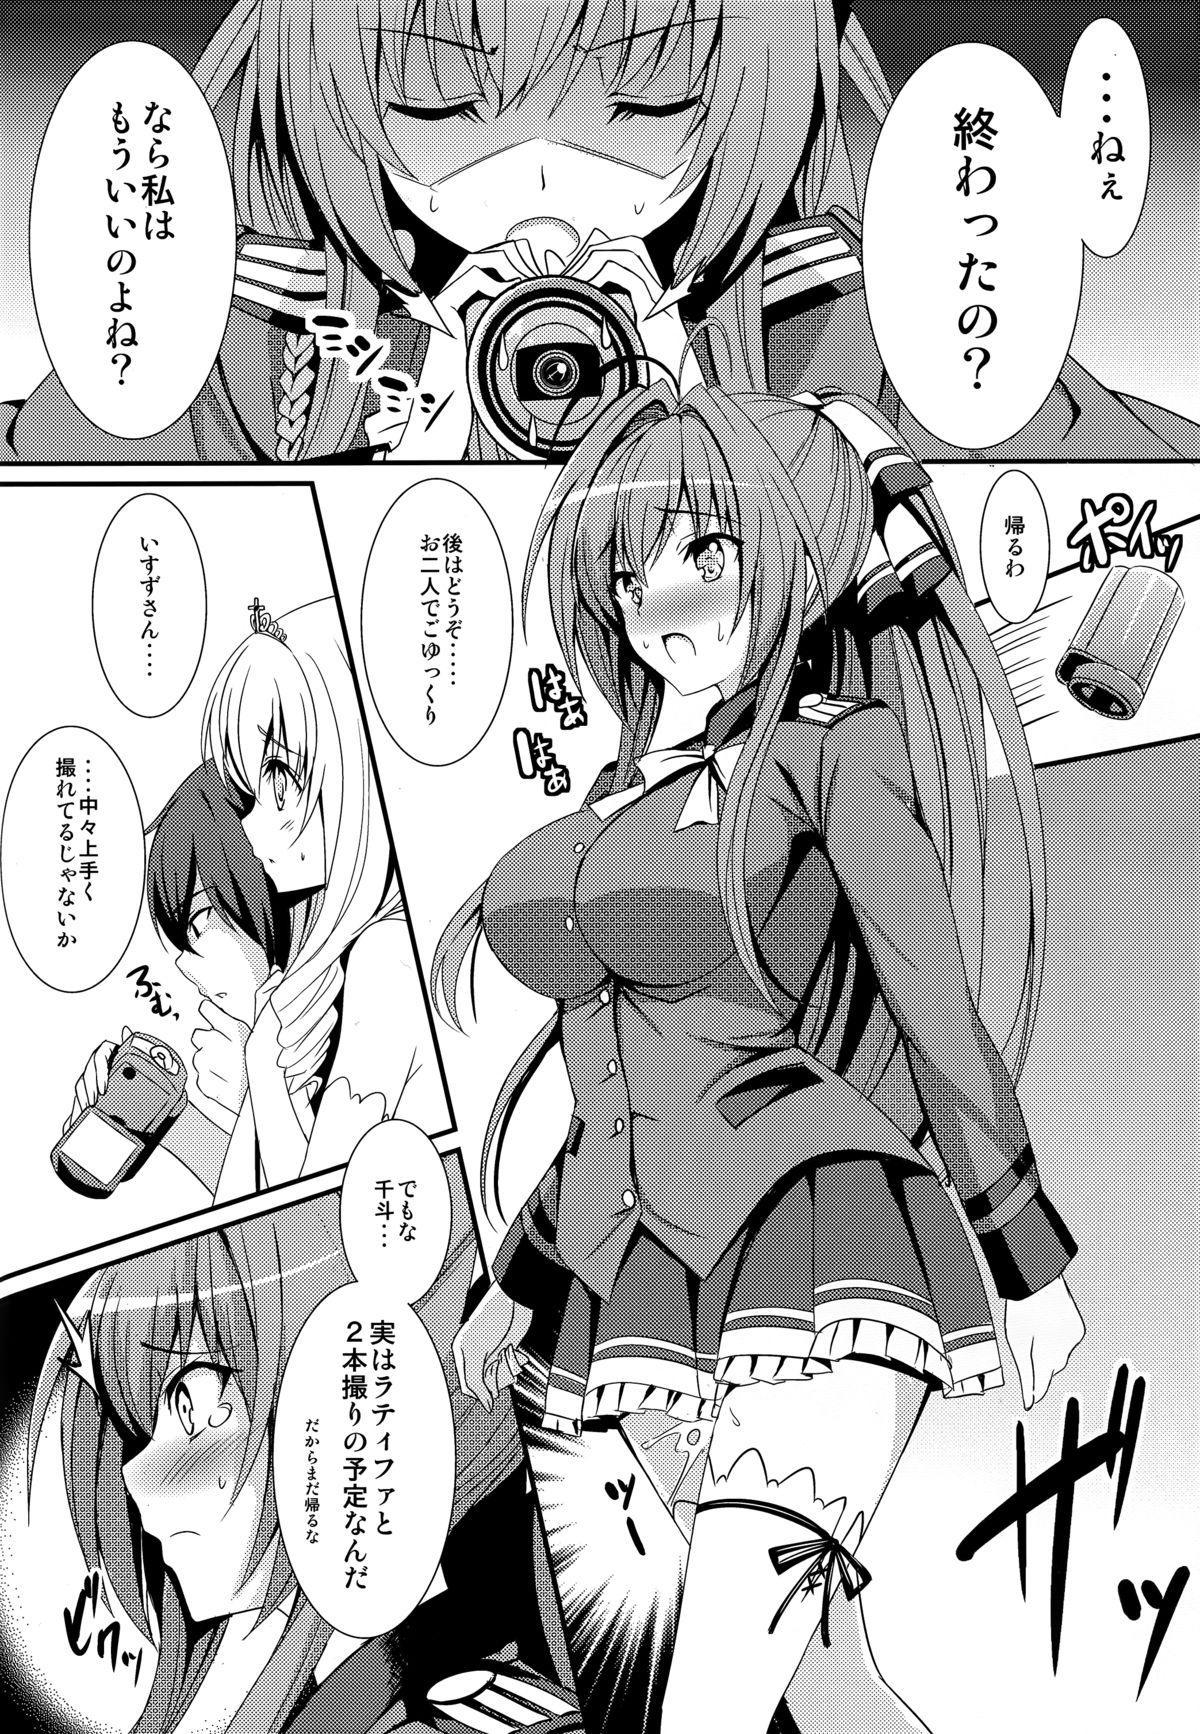 Gekisatsu Brilliant Girls 15